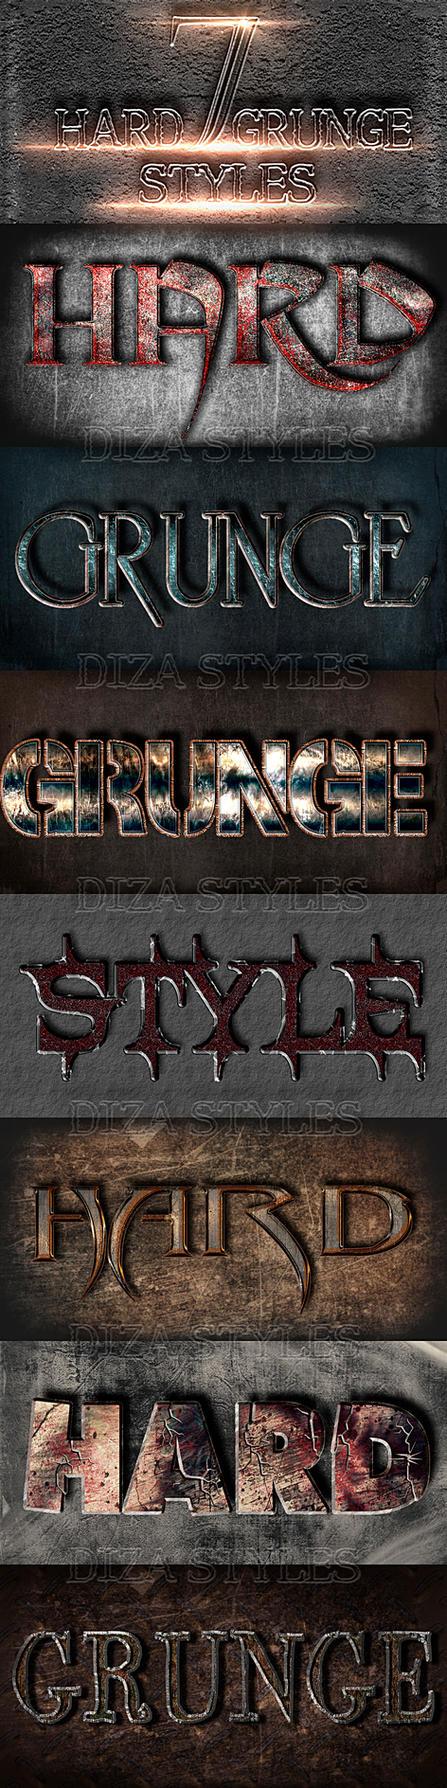 Hard grunge styles by DiZa-74